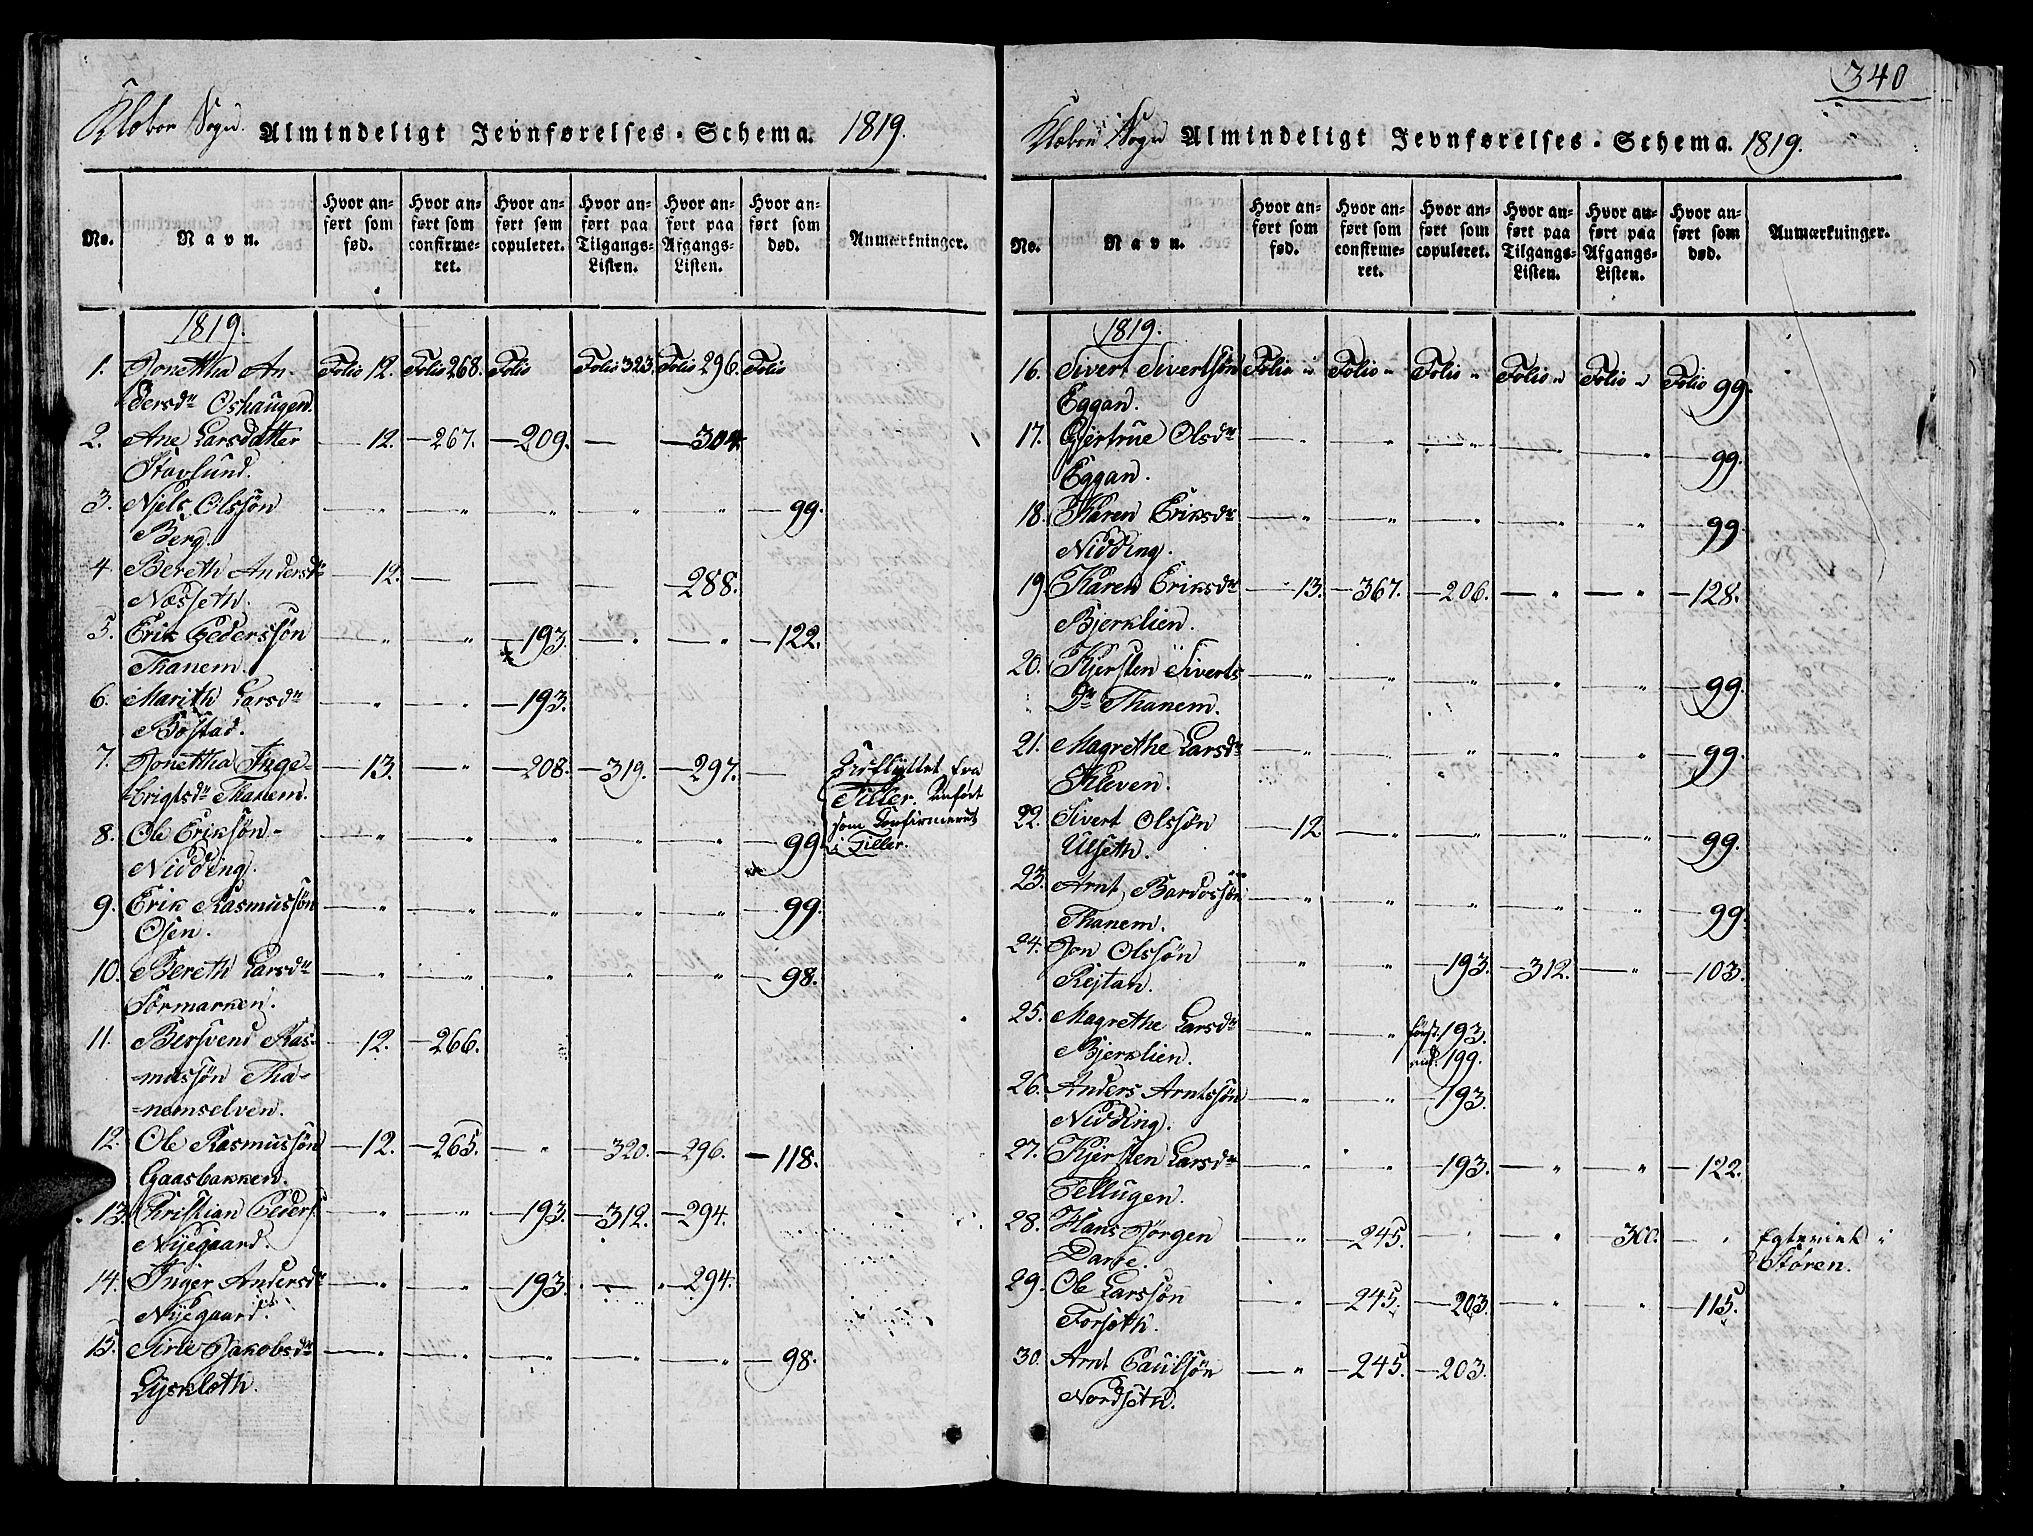 SAT, Ministerialprotokoller, klokkerbøker og fødselsregistre - Sør-Trøndelag, 618/L0450: Klokkerbok nr. 618C01, 1816-1865, s. 340